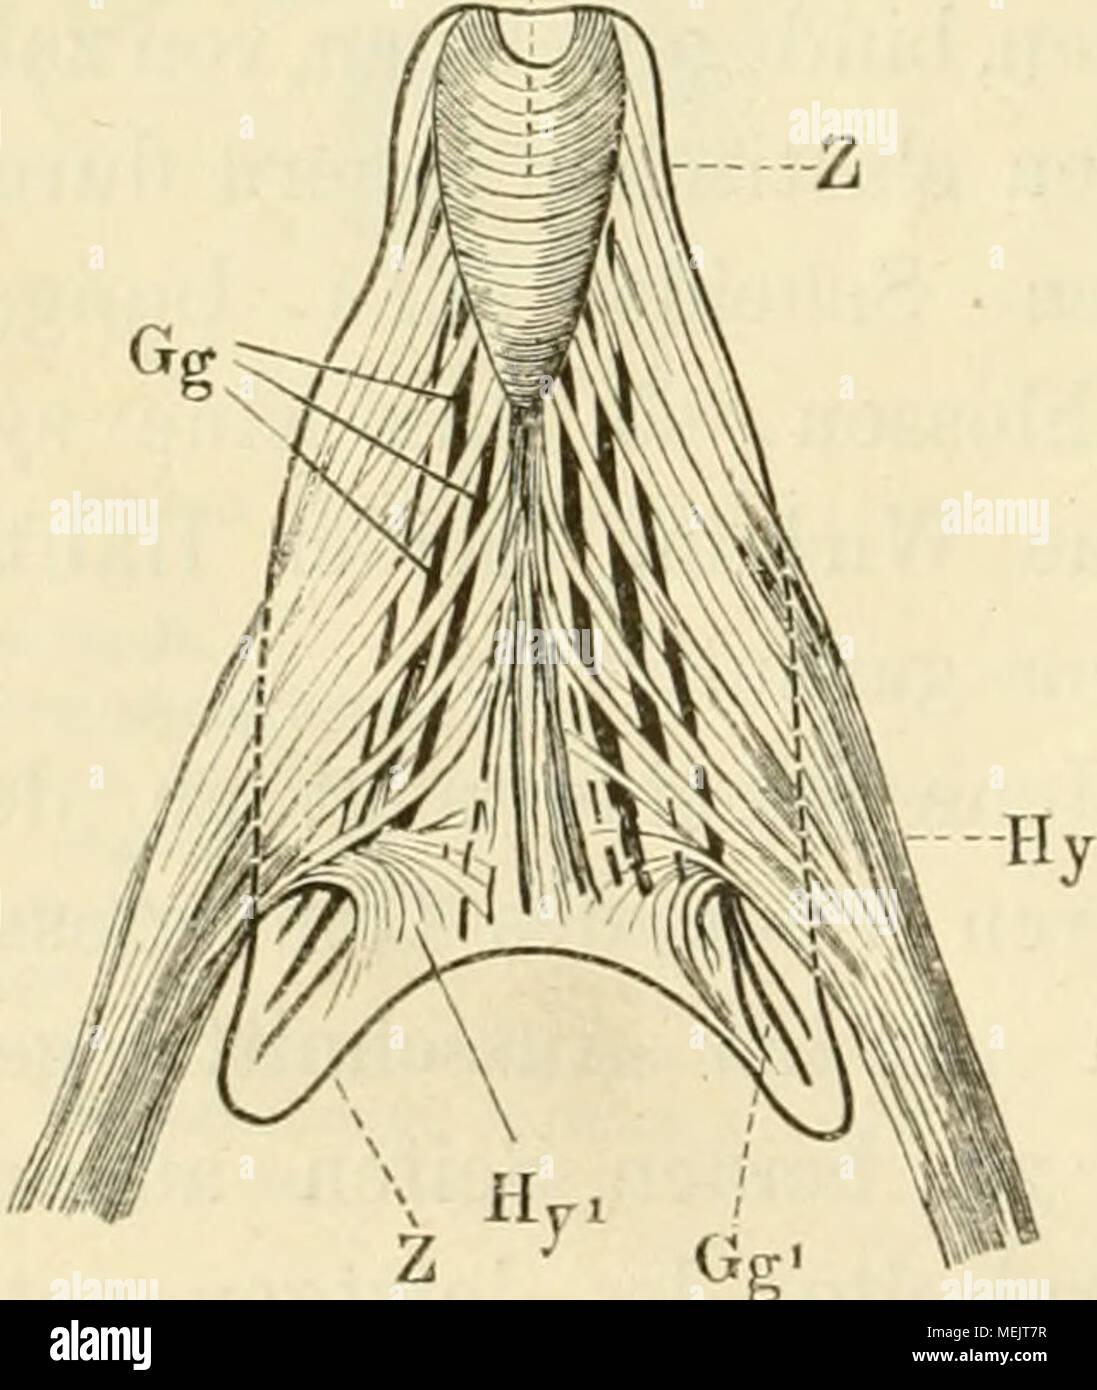 Ausgezeichnet Zunge Anatomie Unterseite Fotos - Menschliche Anatomie ...